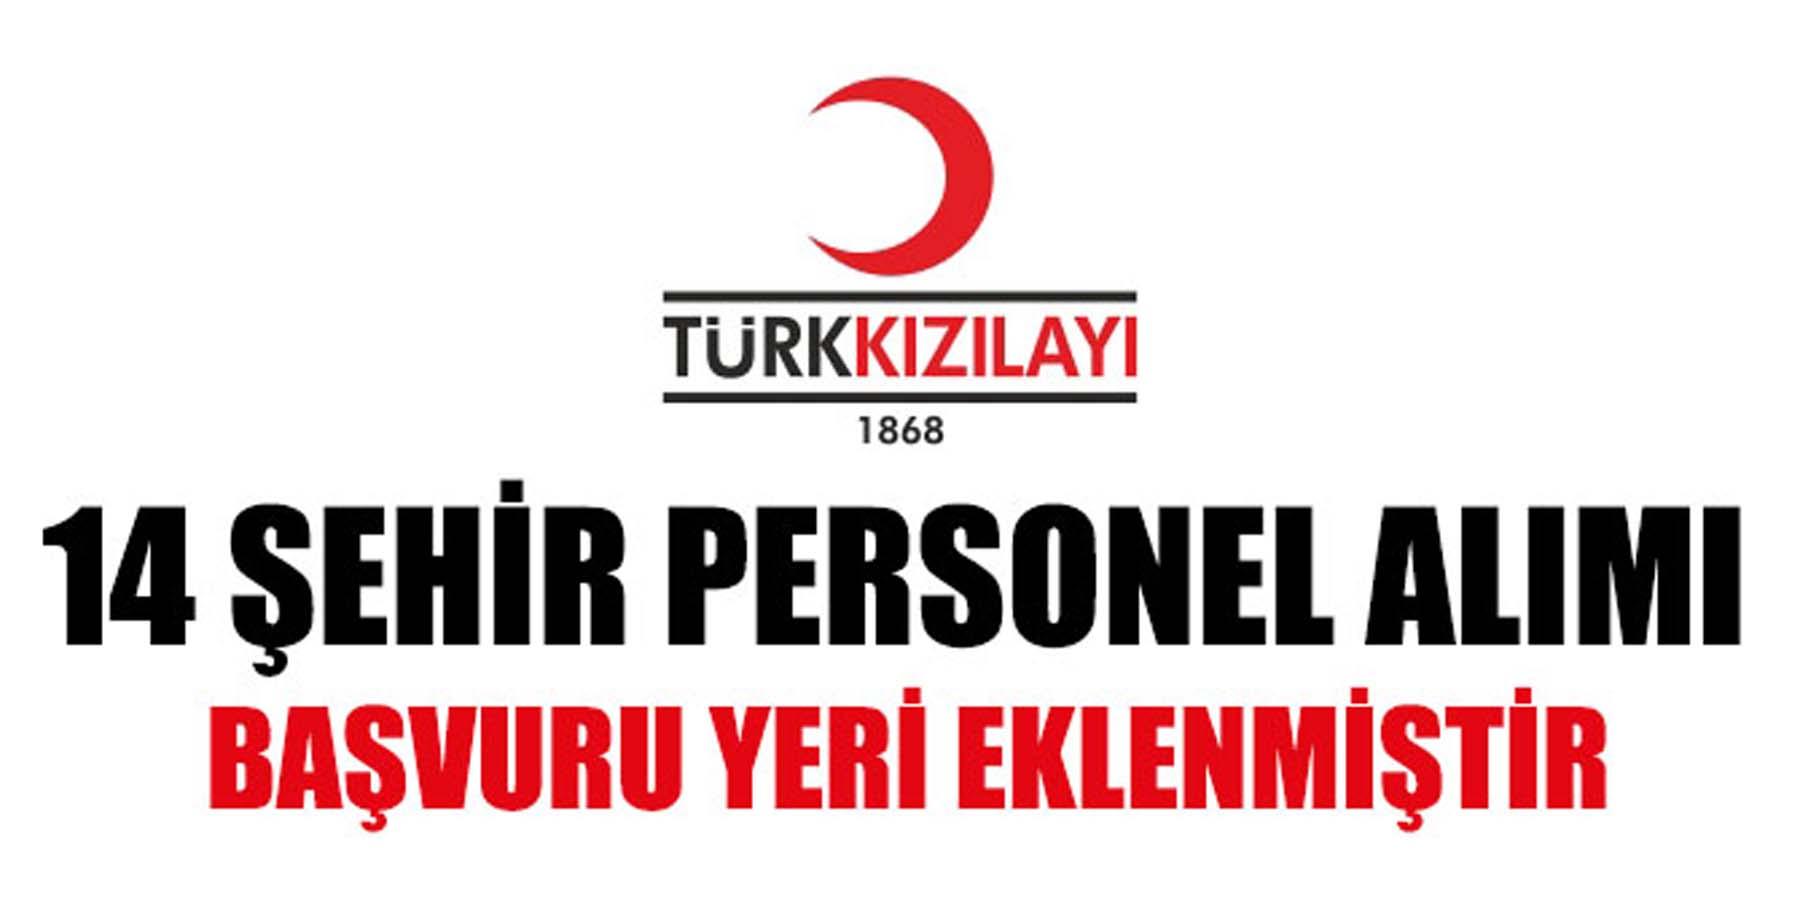 Türk Kızılay 14 Şehre Personel Alımı Yapacak